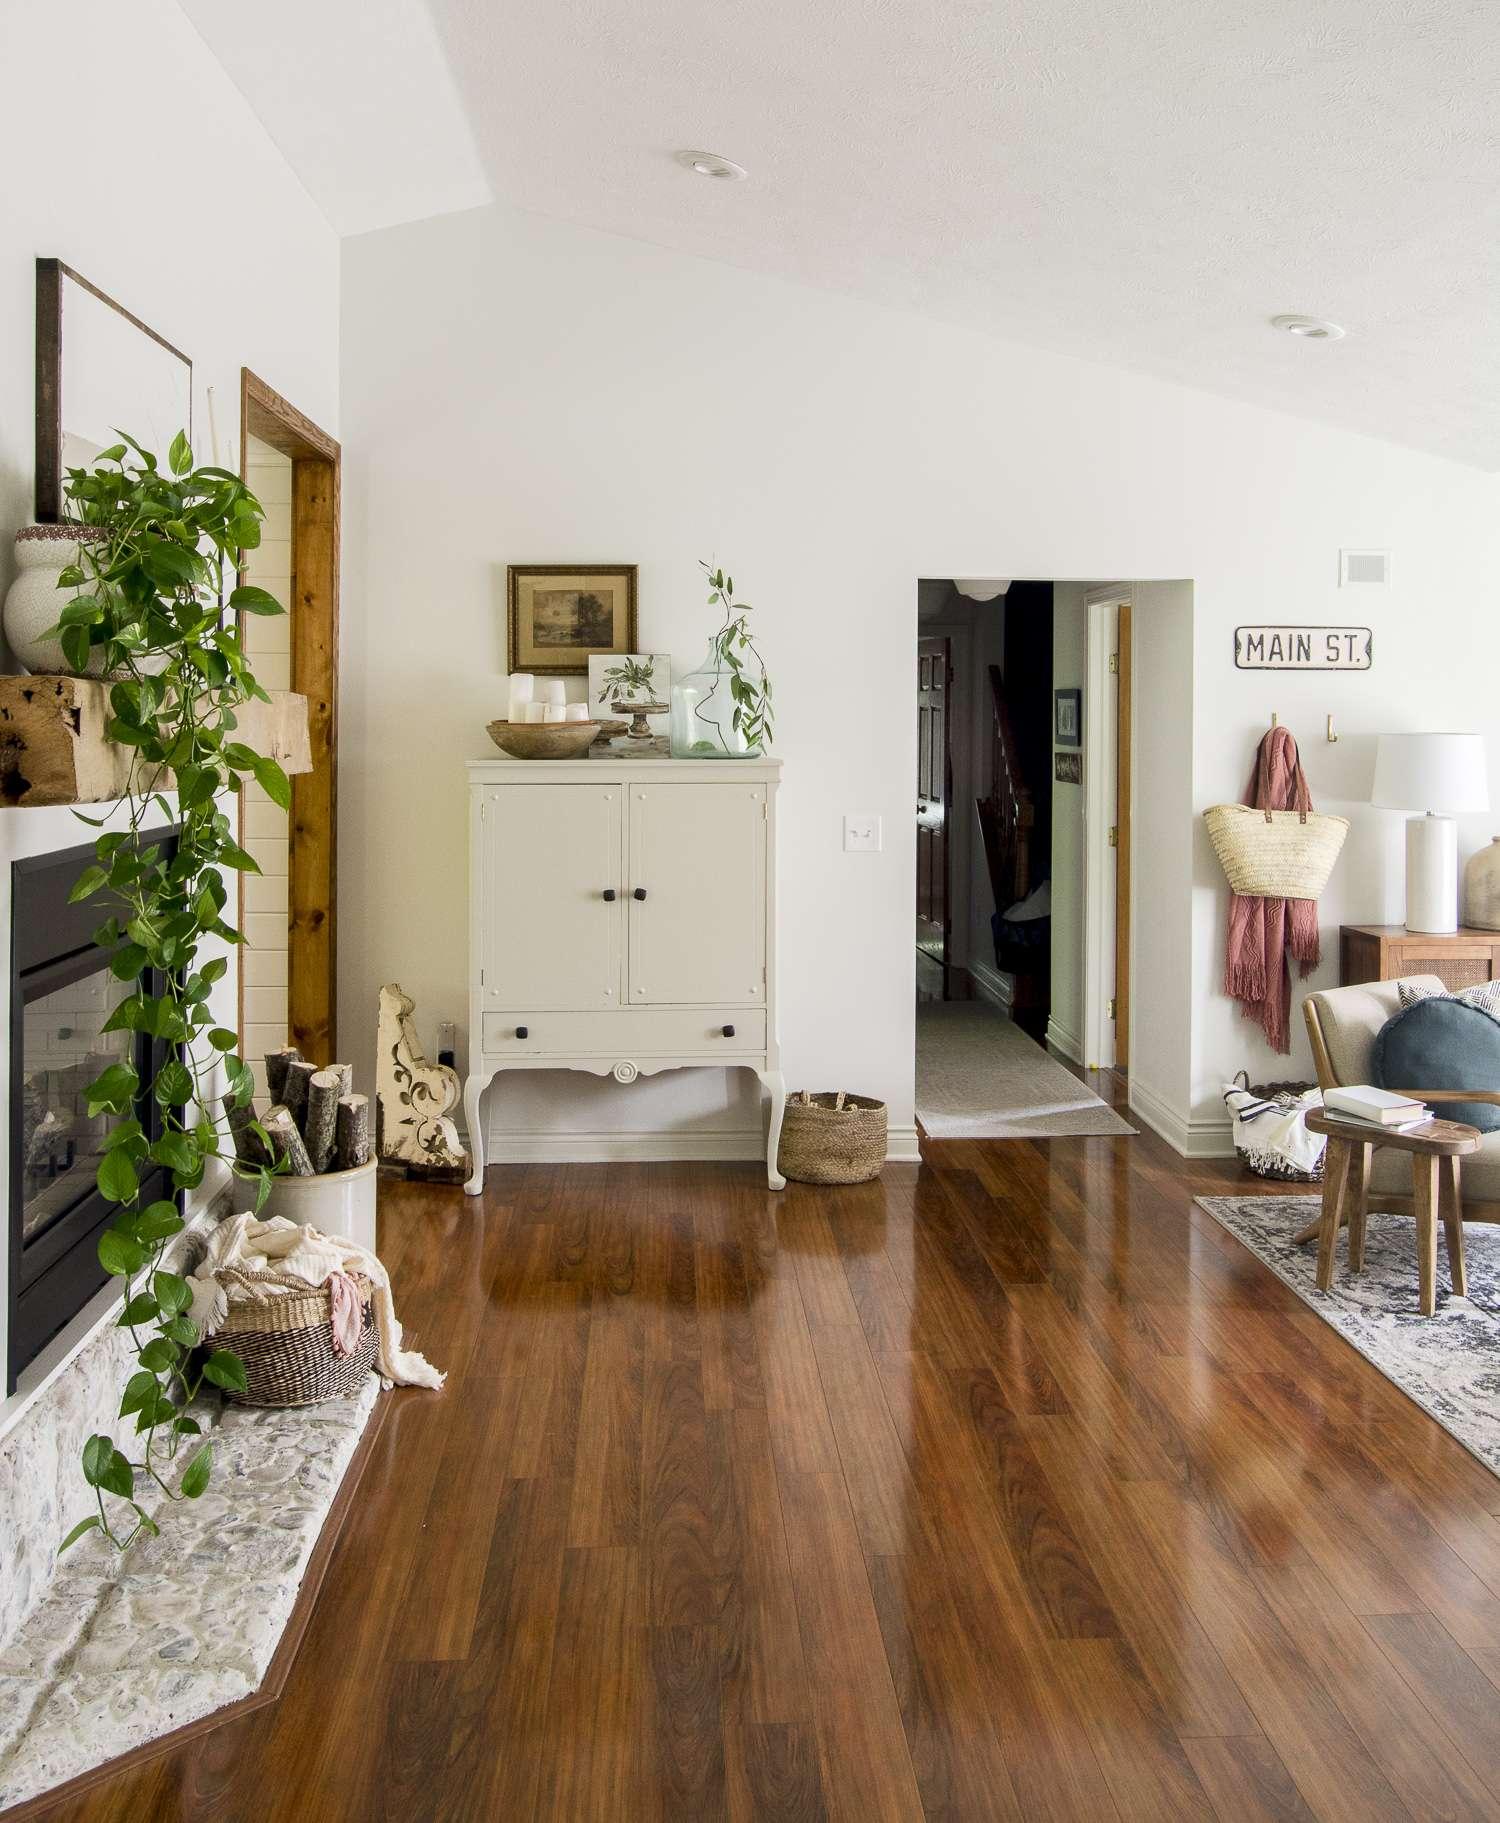 Summer living room decor ideas.